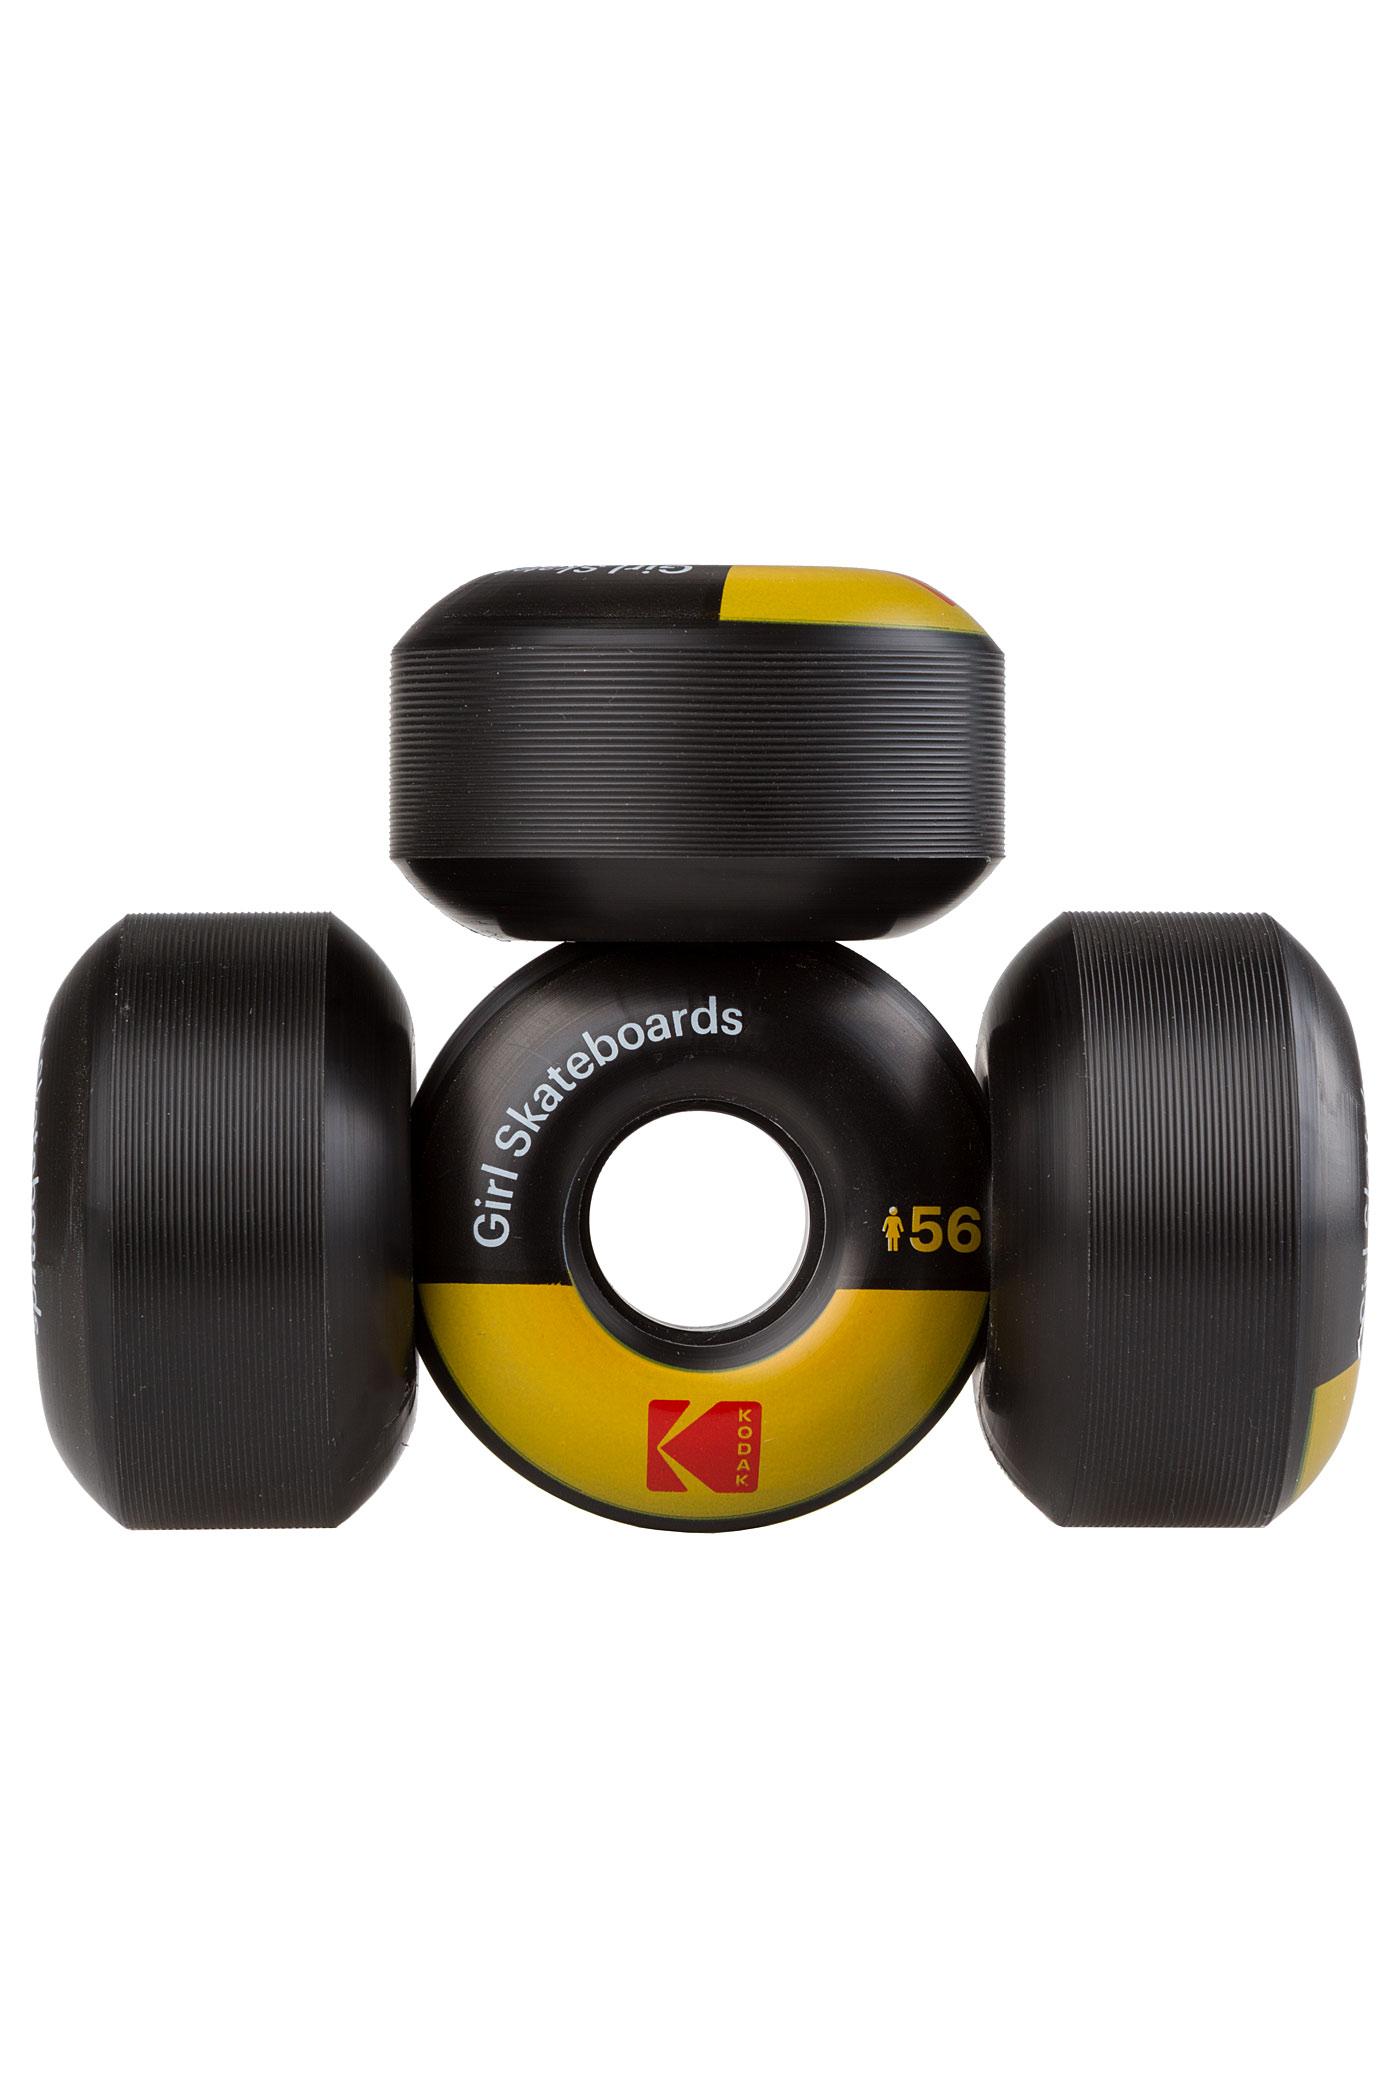 Kodak Girl Skateboards